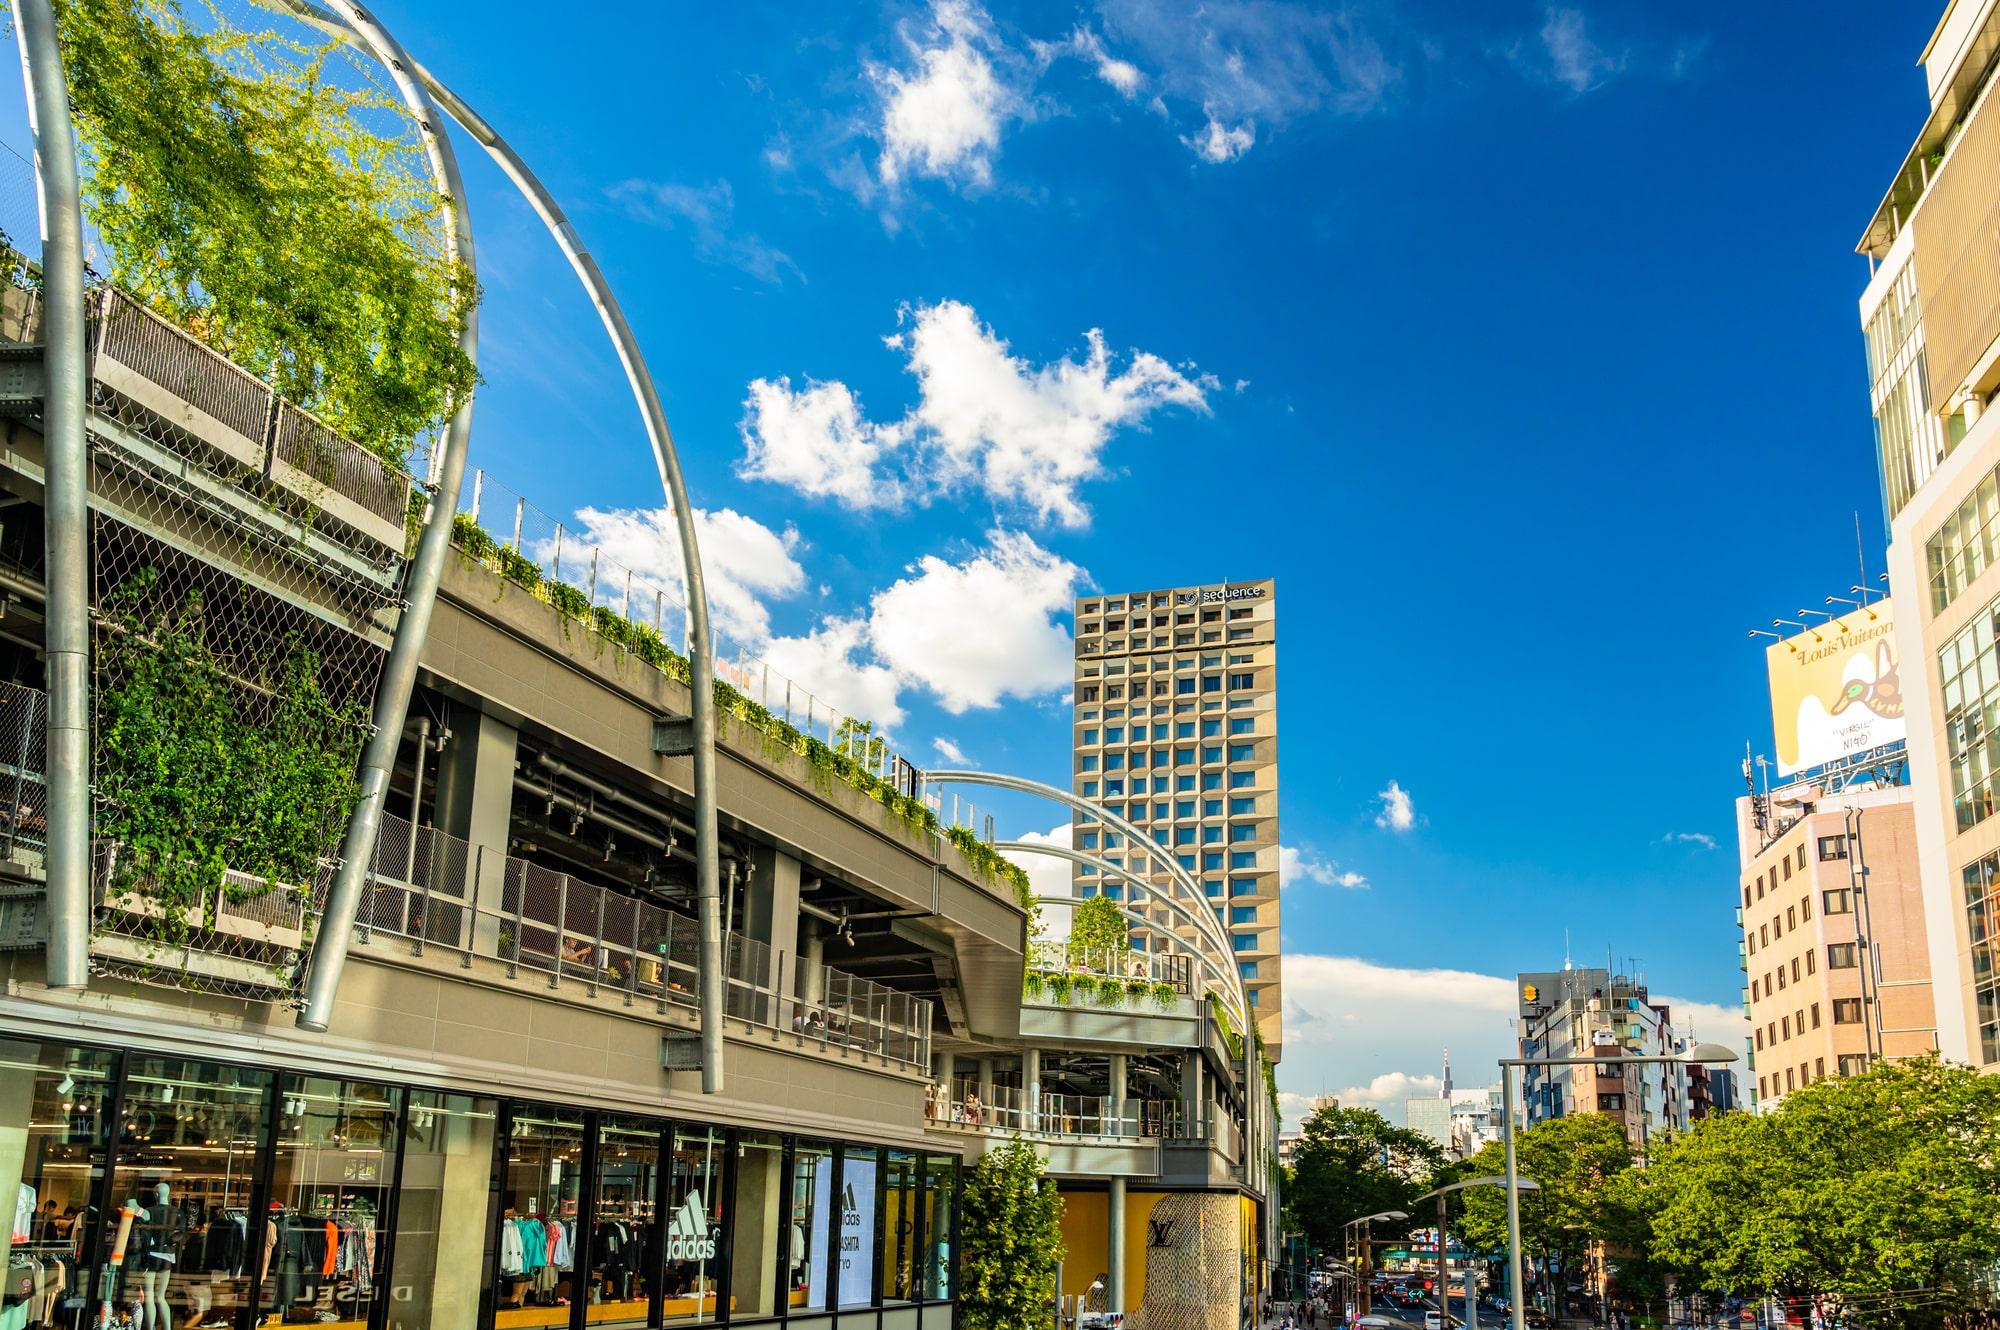 コスパも環境もgood!快適にテレワークできる渋谷のスペース5選|TIME SHARING|タイムシェアリング|スペースマネジメント|あどばる|adval|SHARING